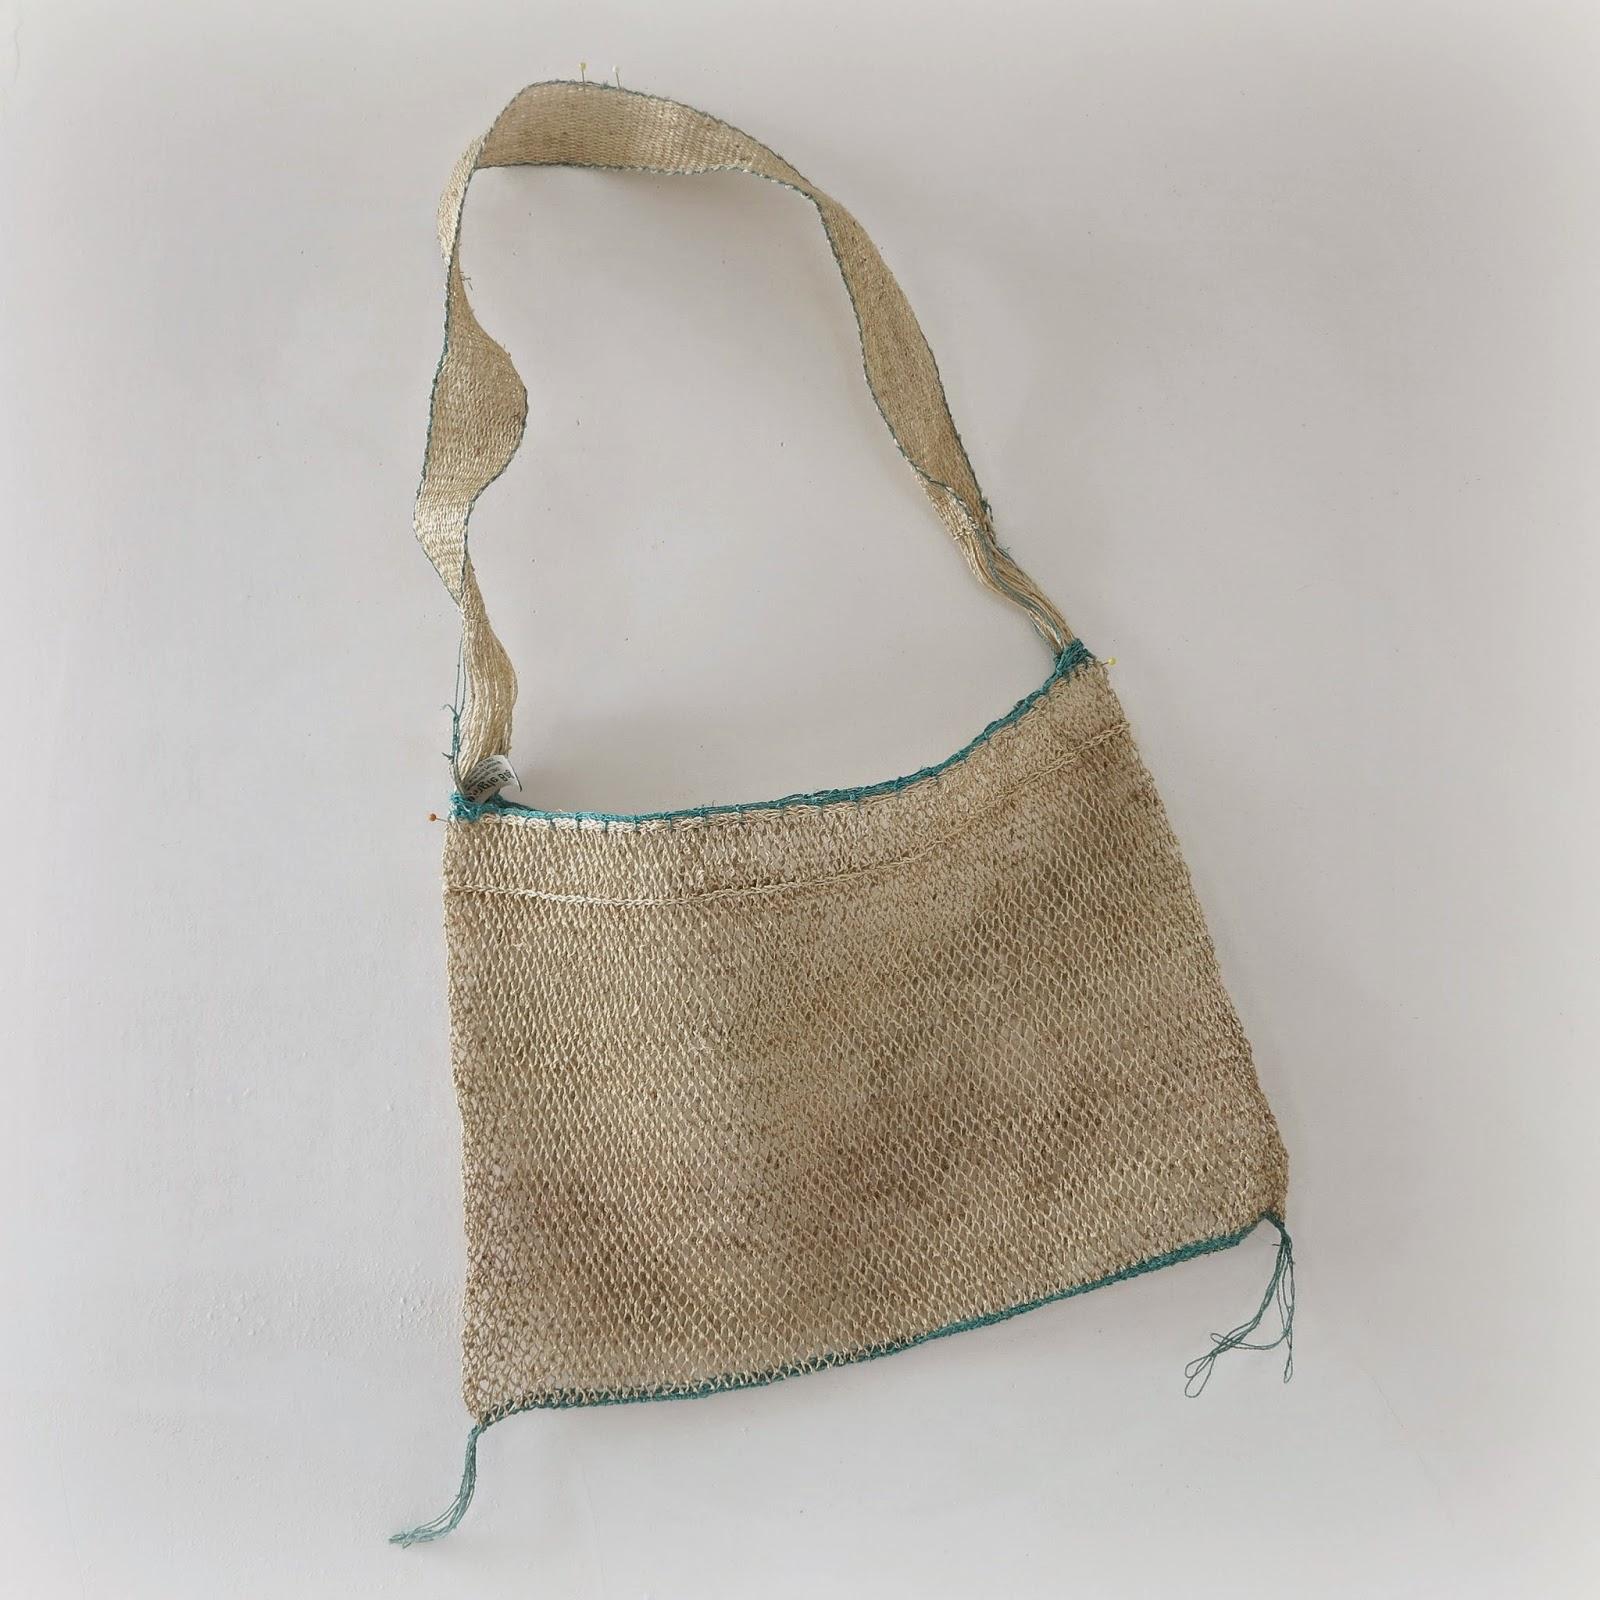 ByHaafner, Nature Bag, kudzu, JungleVine